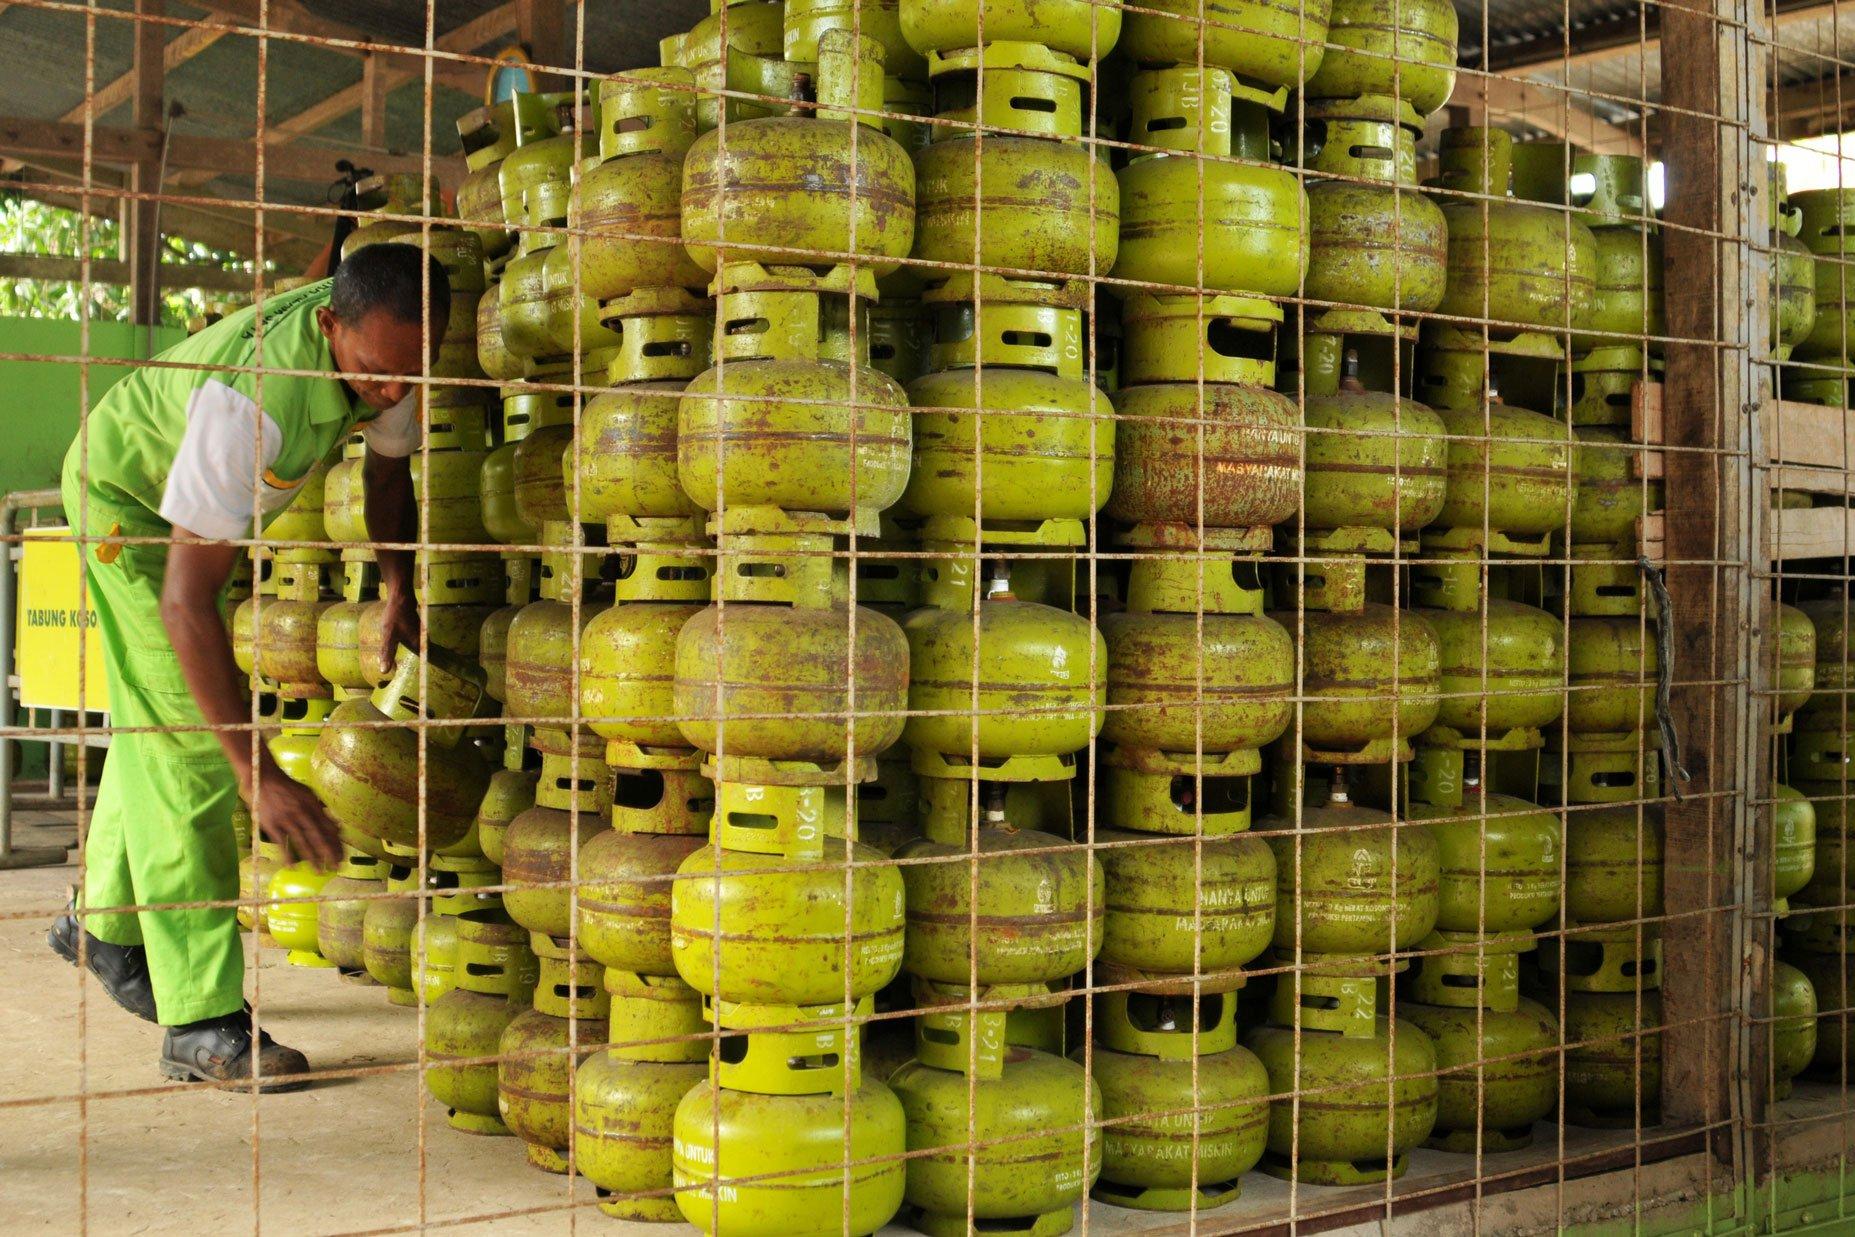 Elpiji 3 kilogram bersubsidi pun sulit didapatkan di Banda Aceh, Aceh. PT Pertamina Marketing Operasional Regional I Banda Aceh, menyatakan pihaknya menambah pasokan gas elpiji sekitar 6- 7% dari kebutuhan normal sebanyak 90.200 tabung per hari selama Desember.